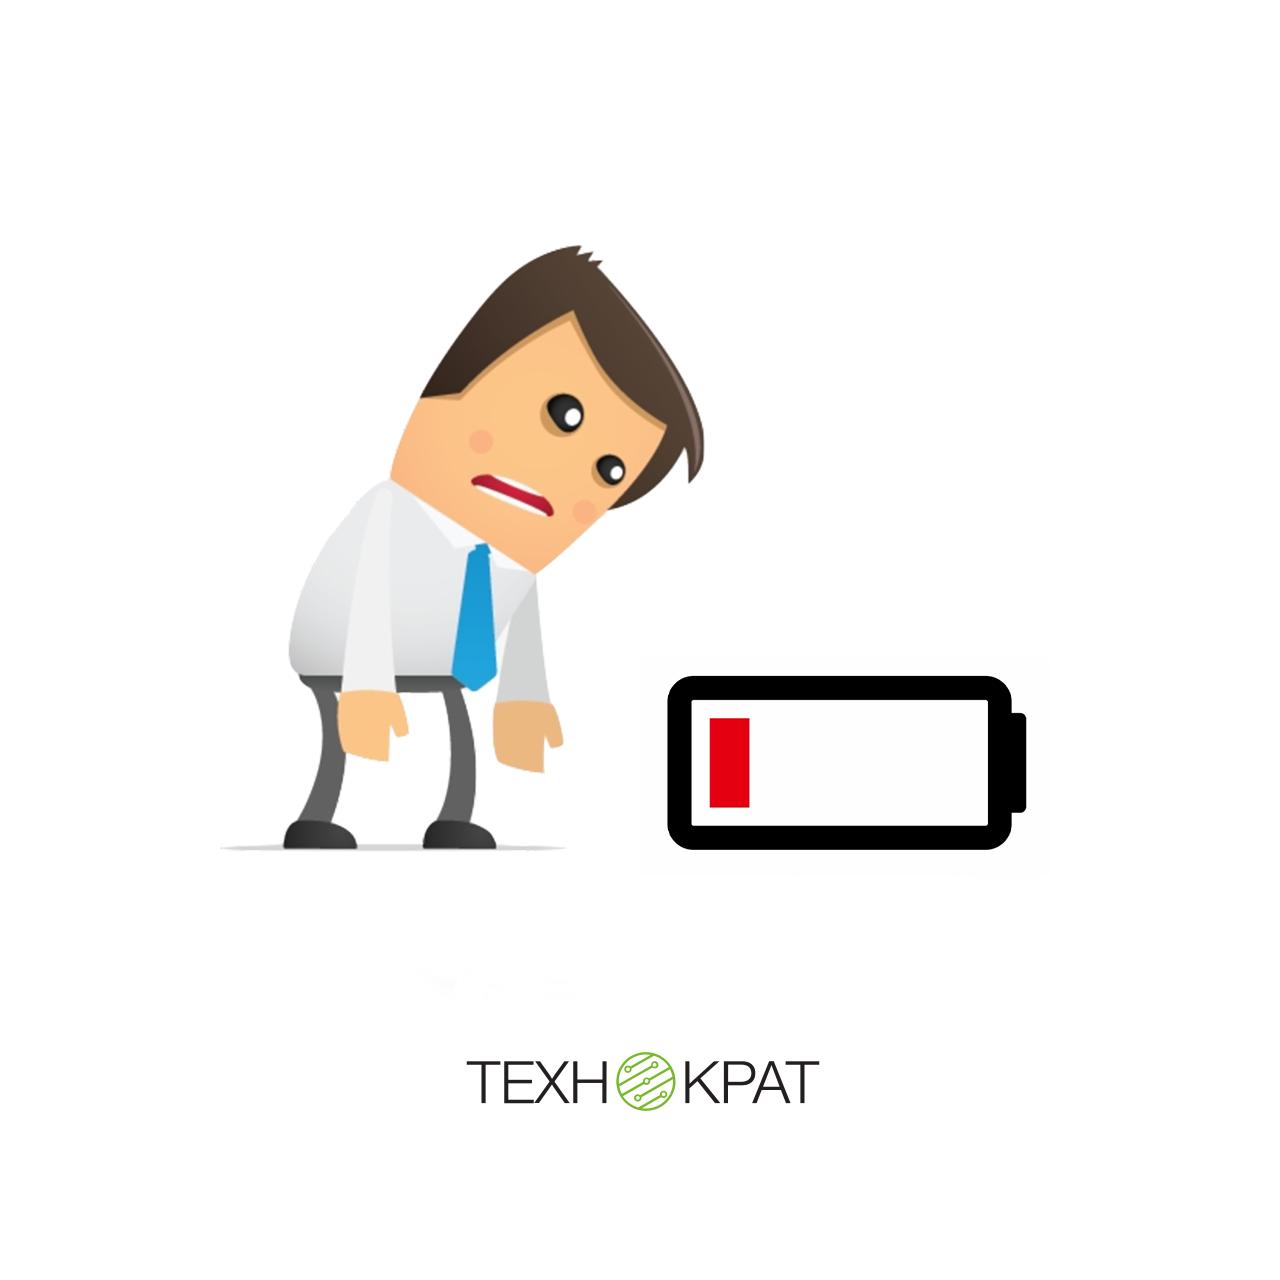 Швидко розряджається батарея на iPhone? 4 способи вирішення проблеми